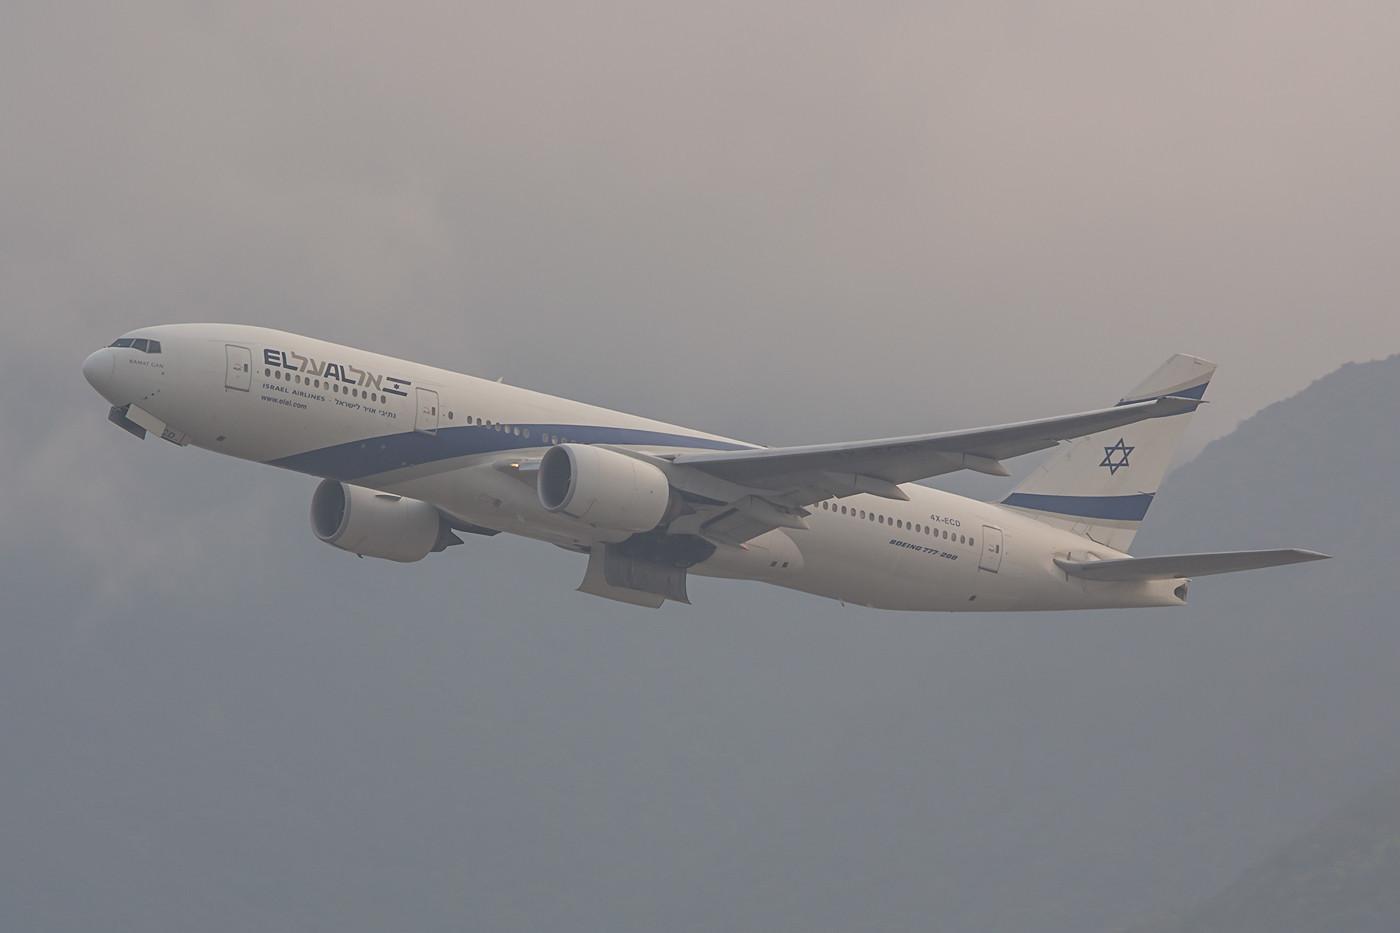 El AL kommt mit Boeing 777 nach HKG.